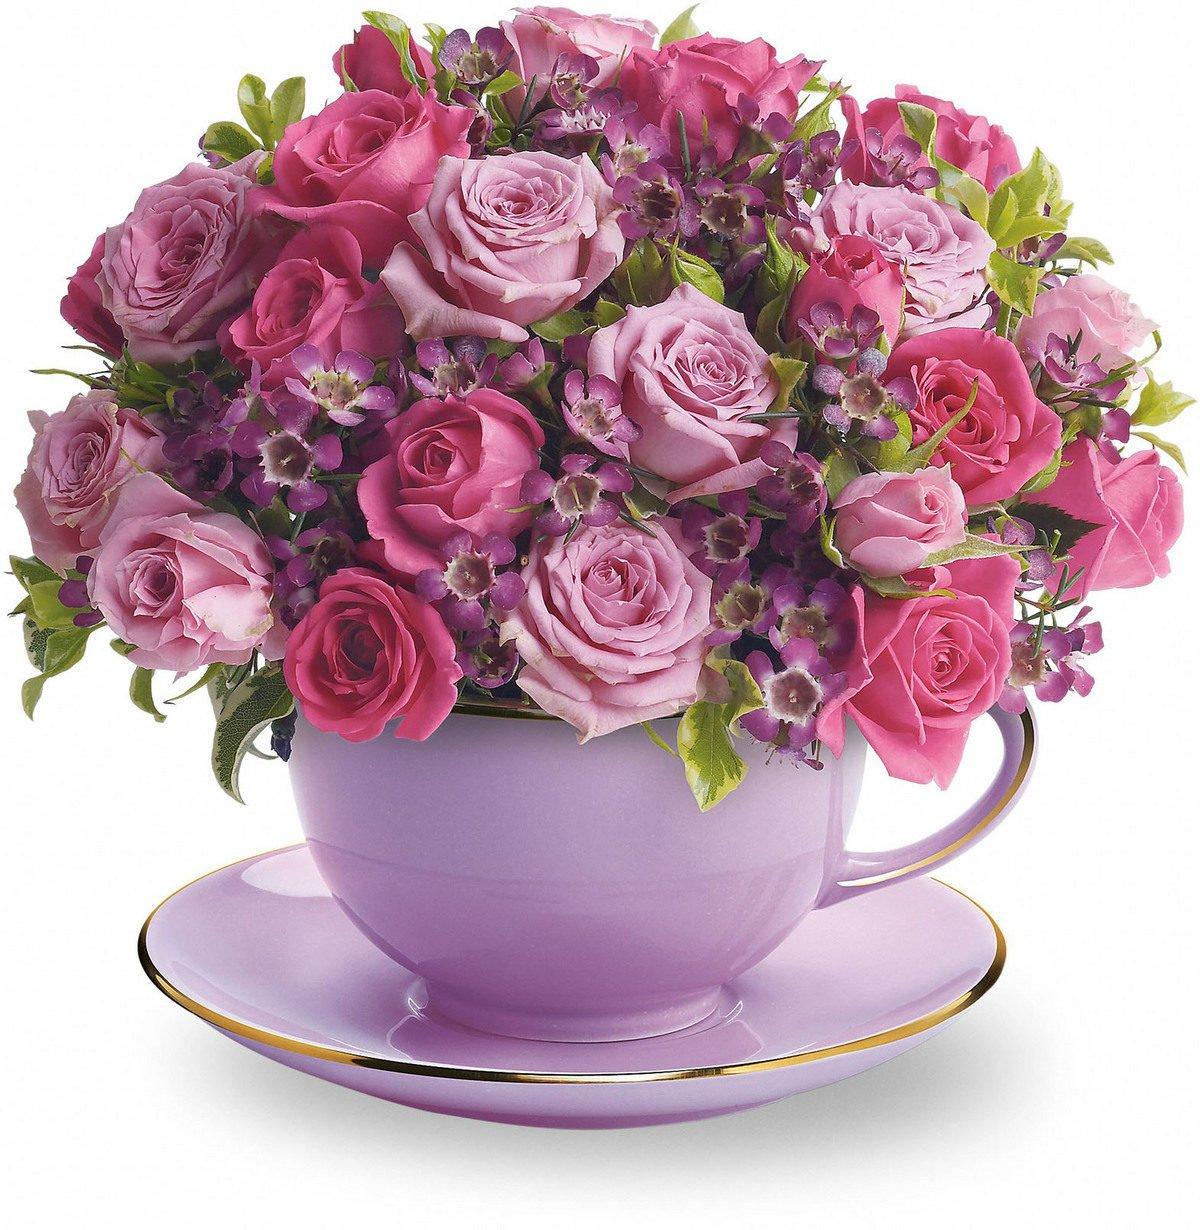 Смешные картинки, большие букеты роз картинки с добрым утром